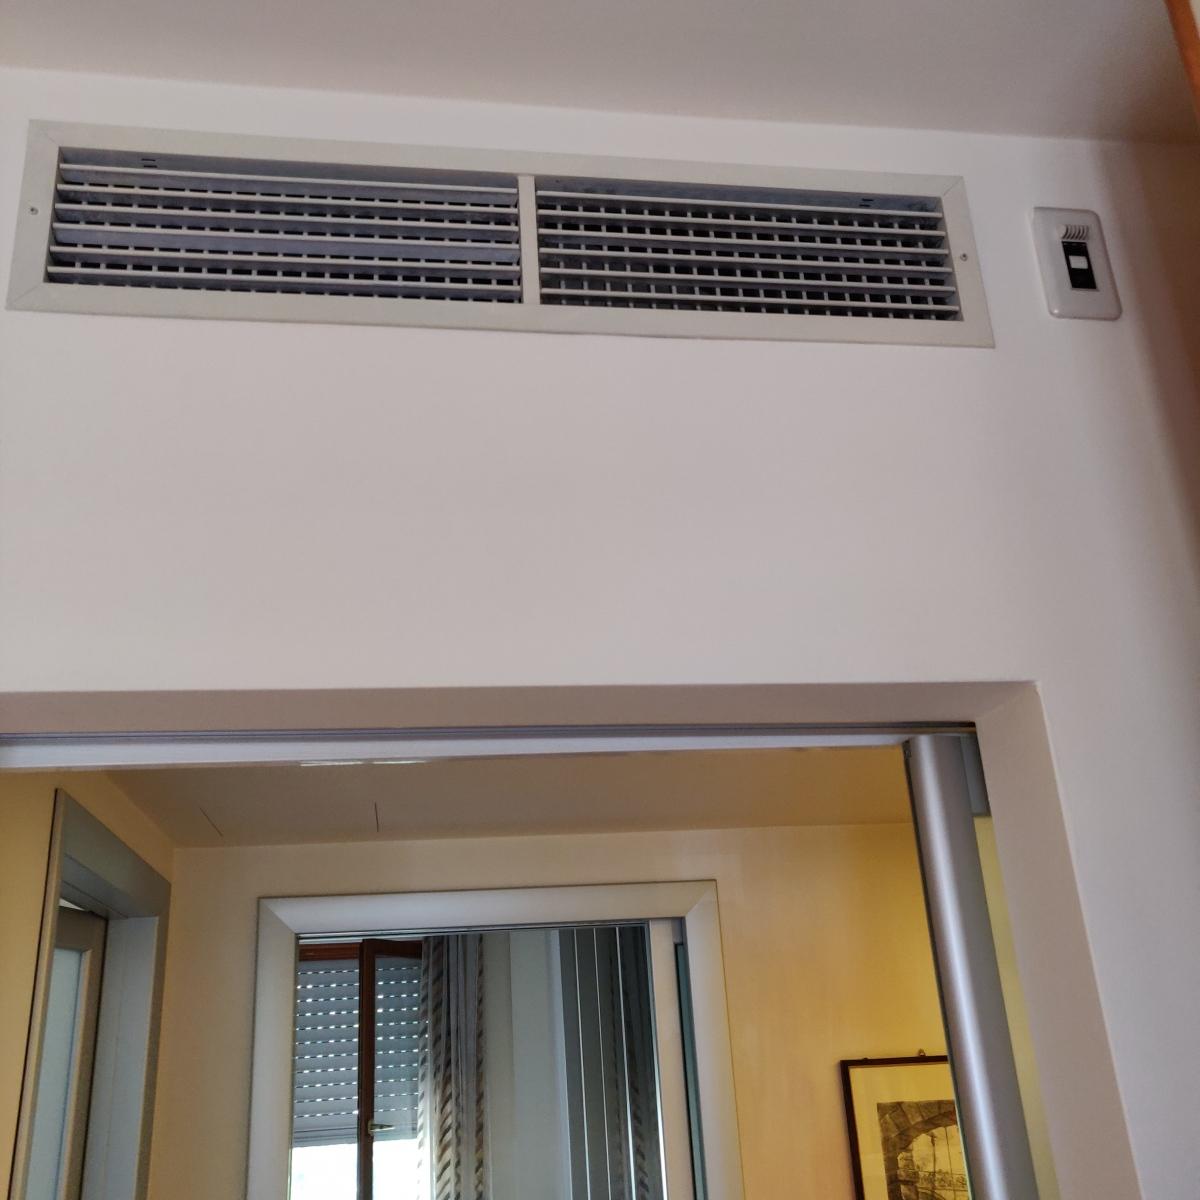 appartamento-in-vendita-a-baggio-via-cassolnovo-bagarotti-3-locali-milano-trilocale-spaziourbano-immobiliare-vende-10